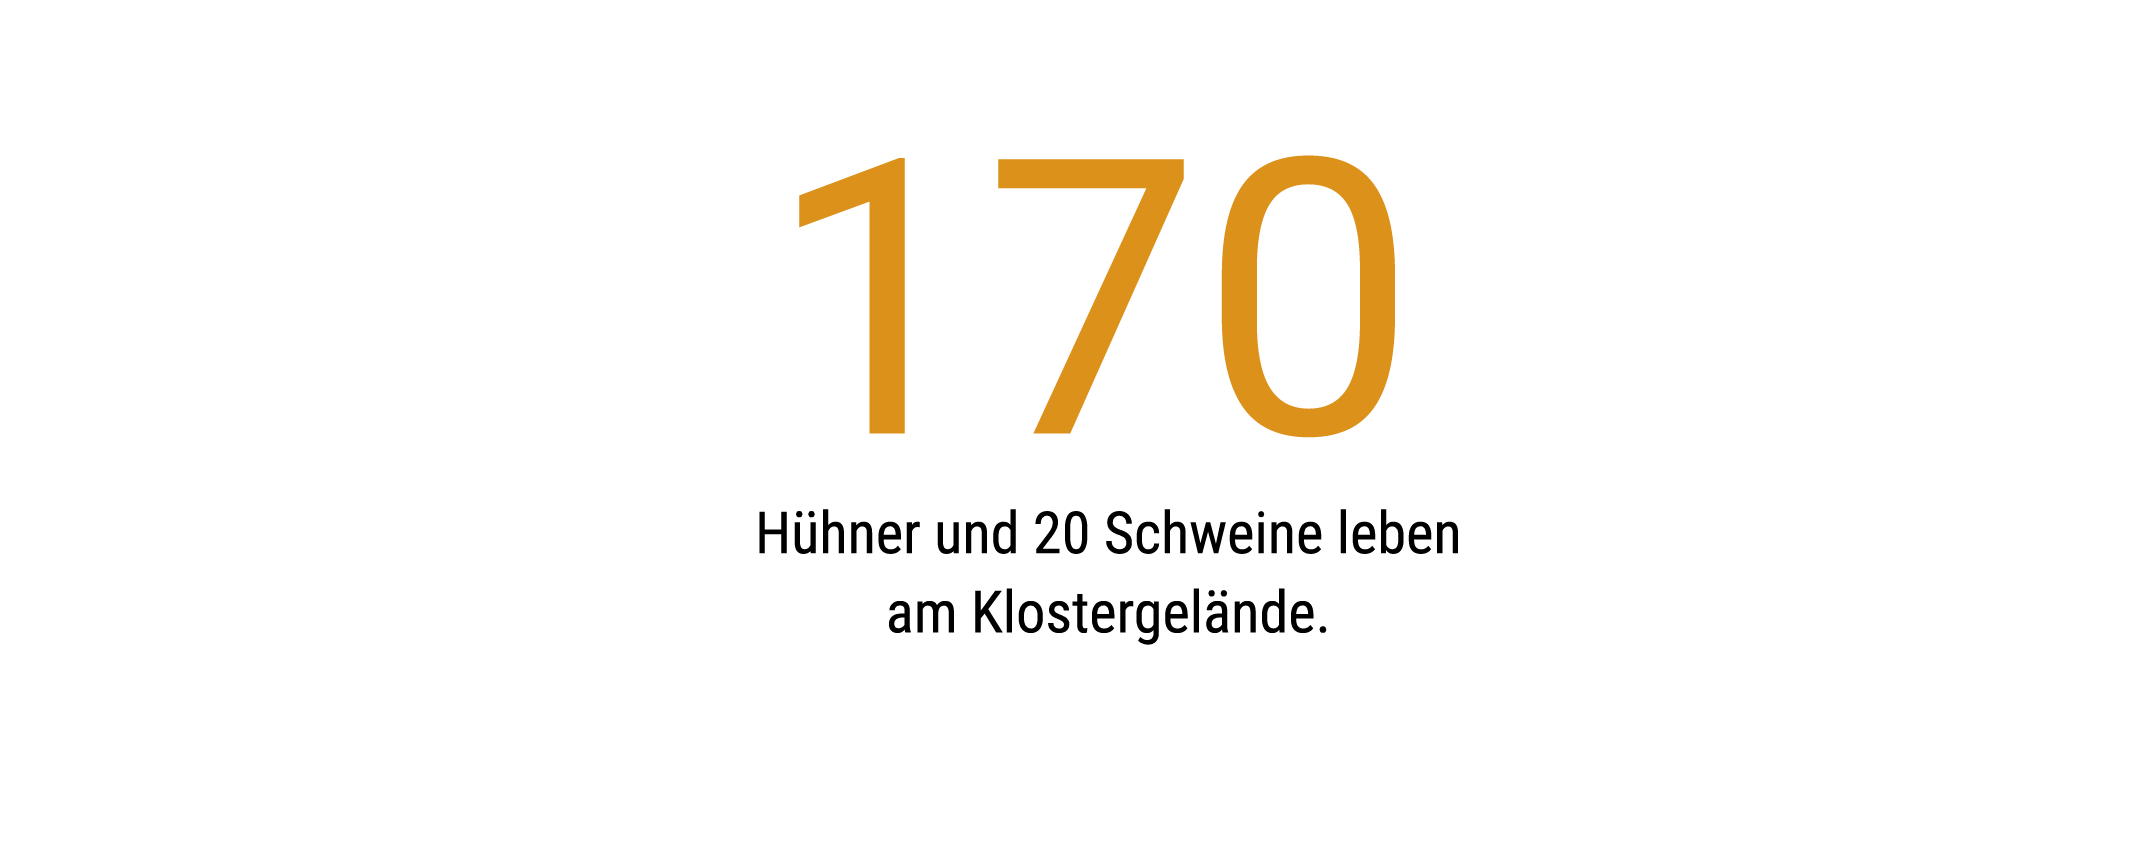 Timeline_Kloster_Eichgraben_Pfade-13